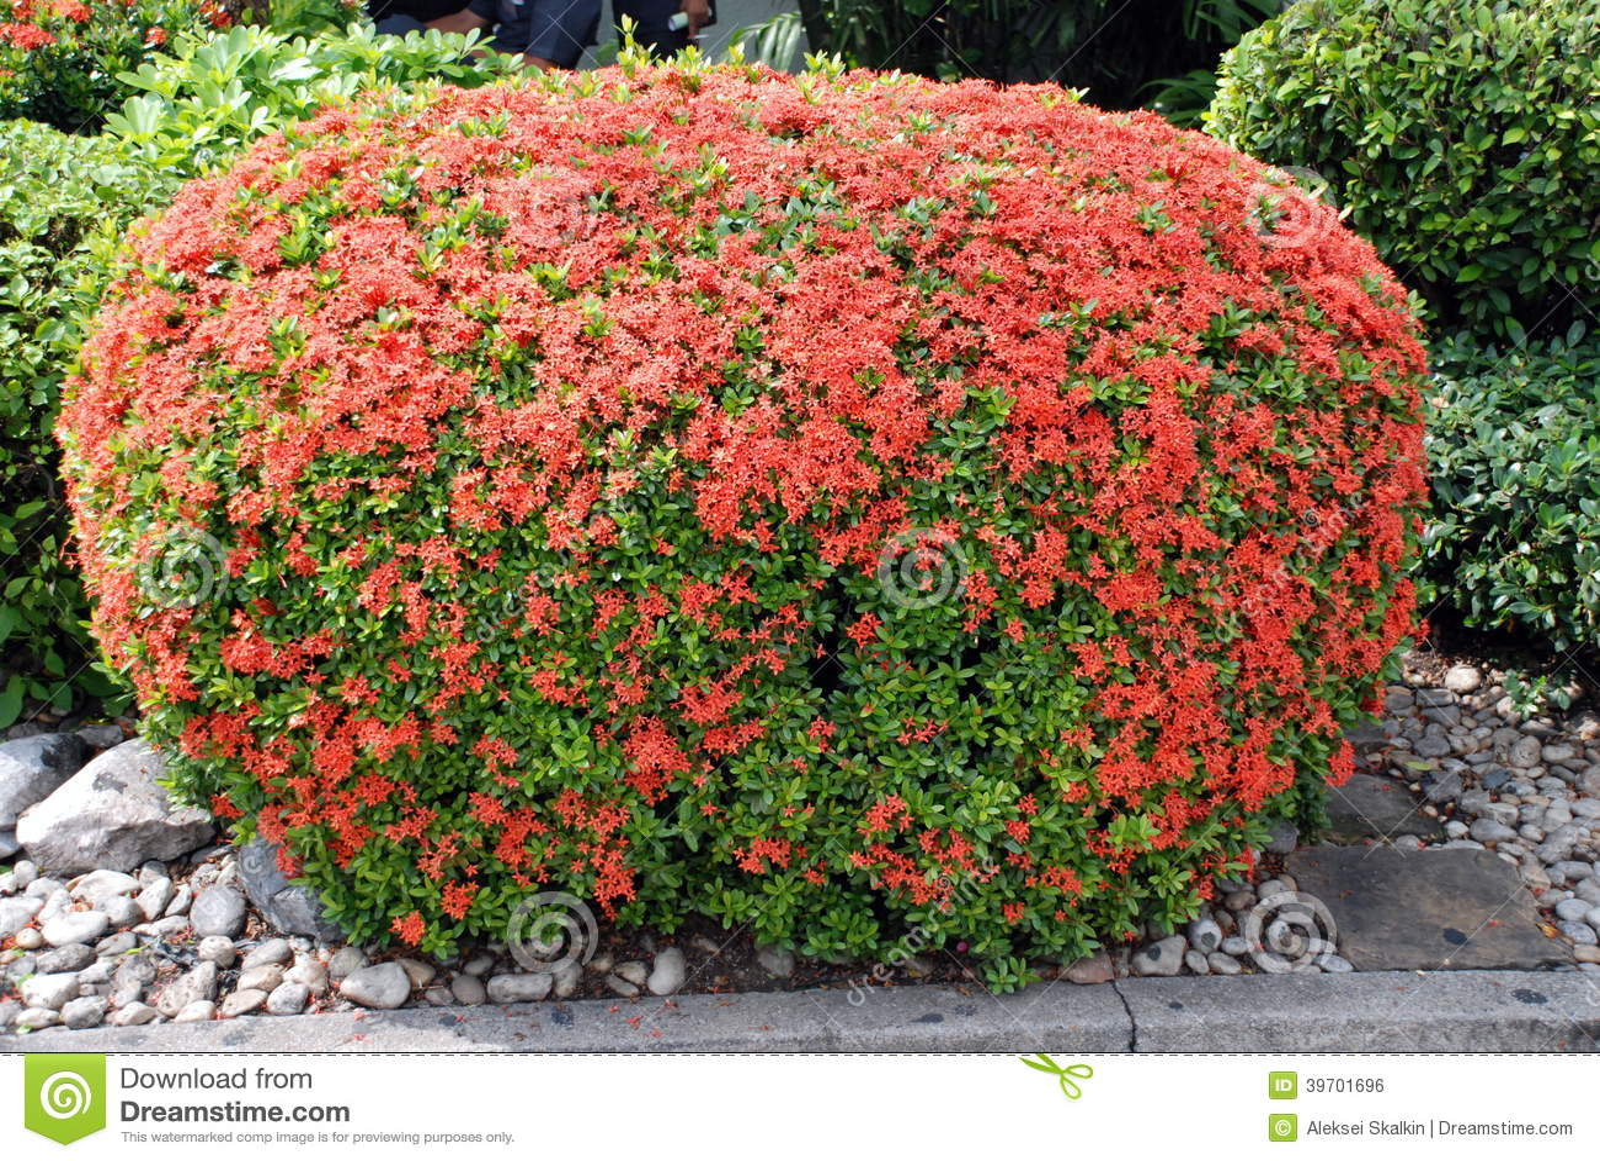 Arbusto verde maravillosamente manicured con las flores for Arbustos con flores para jardin